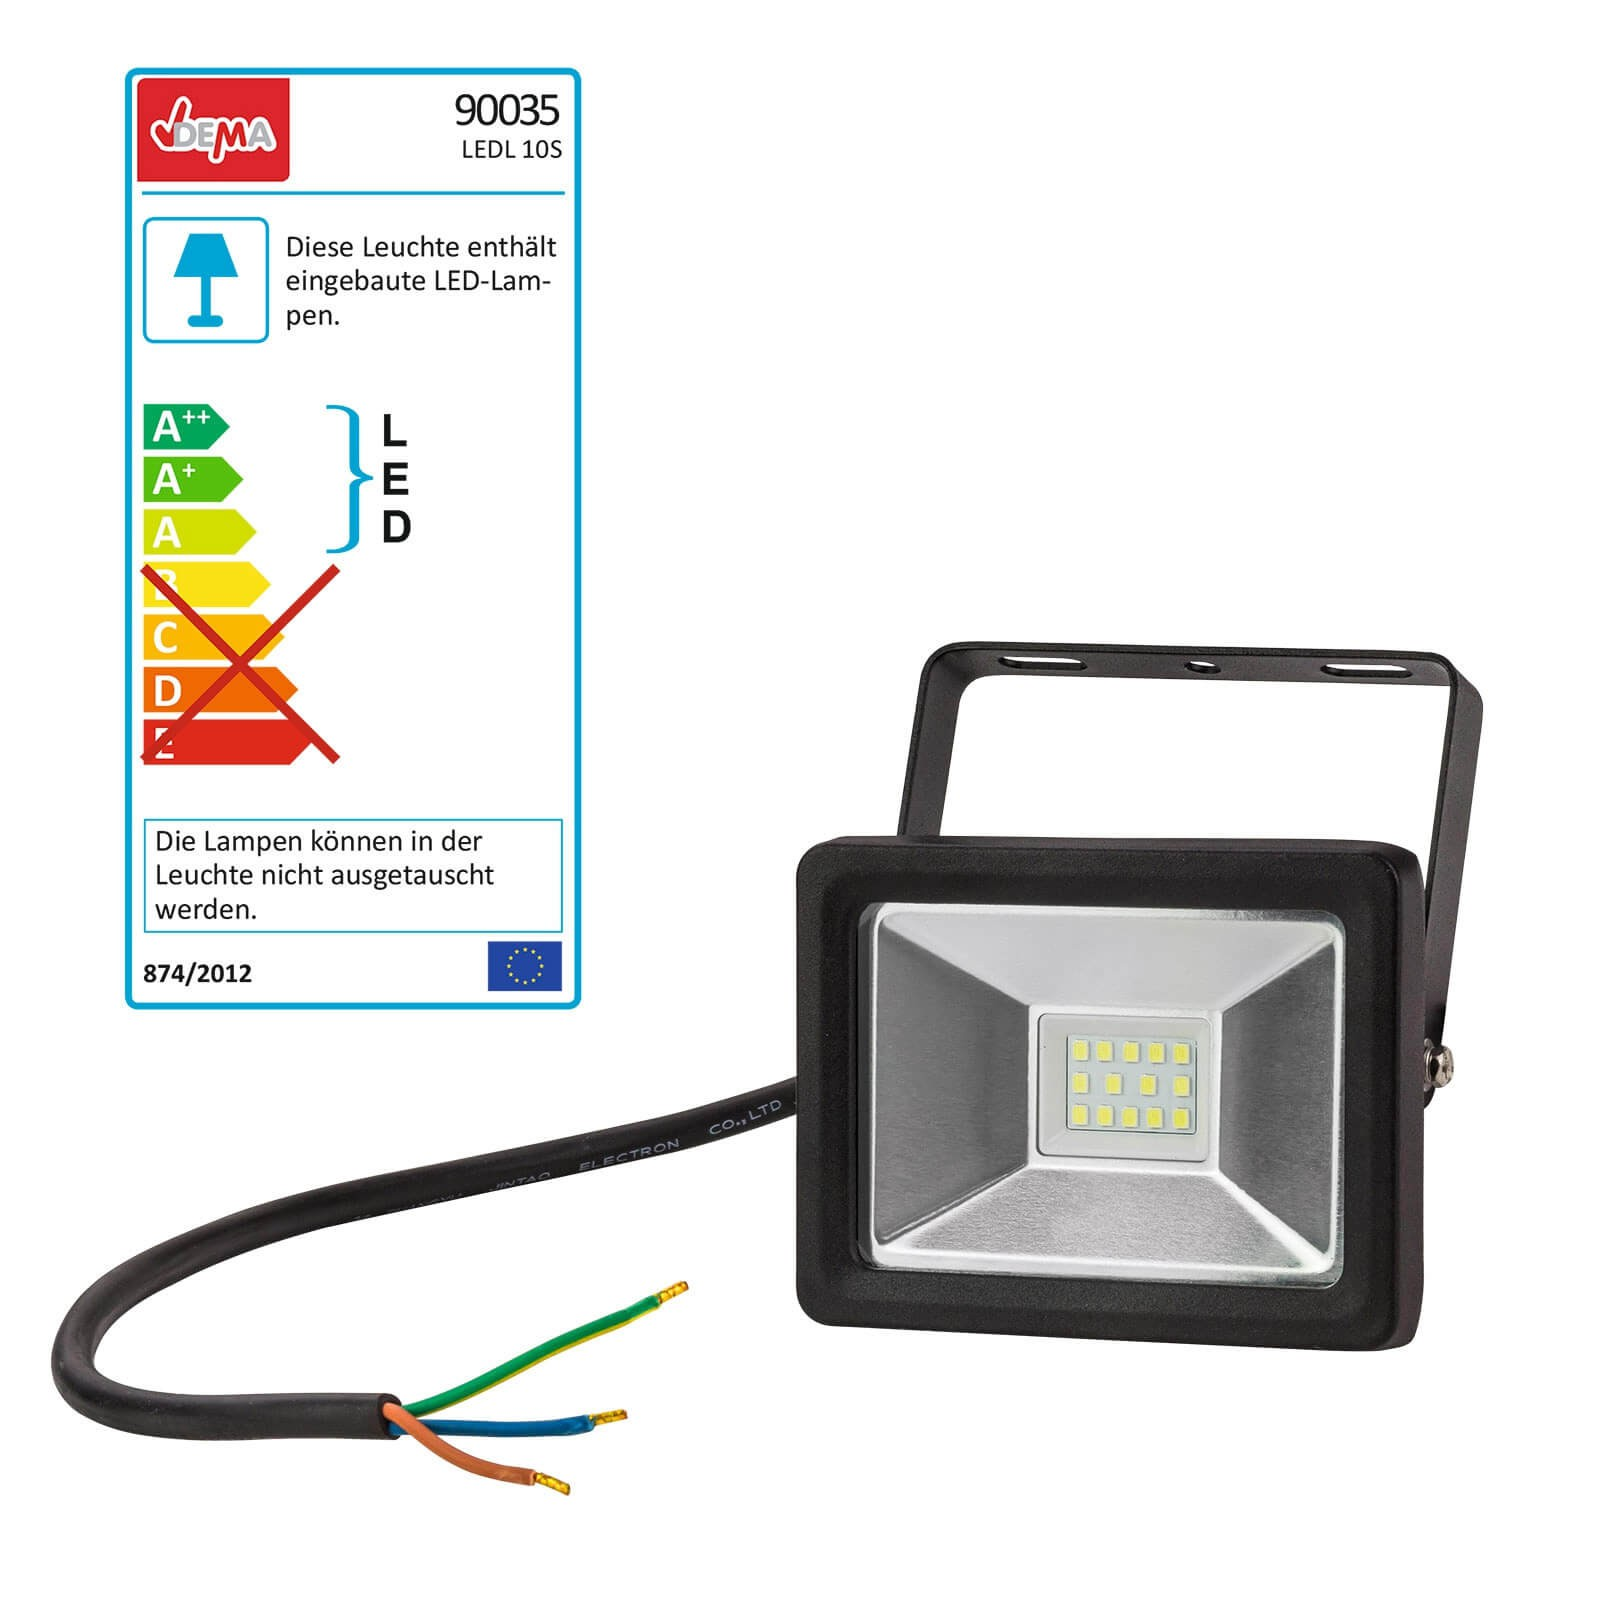 Dema LED-Leuchte Slim 10W Strahler LED-Lampe 90035